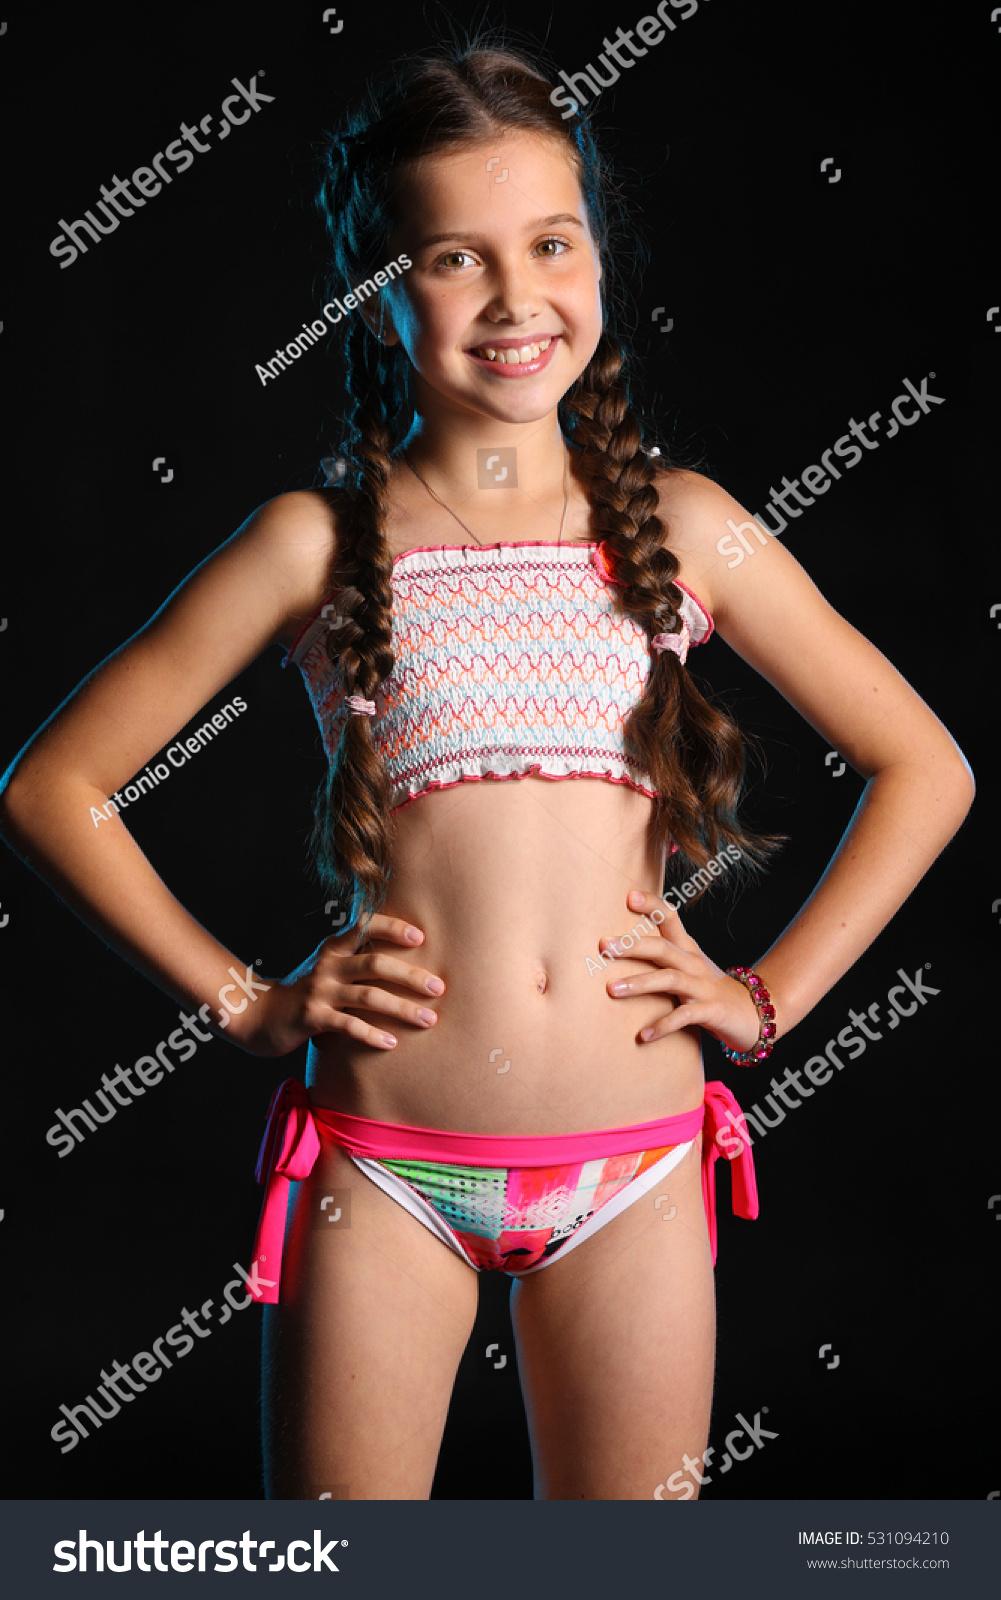 Child Model Swimsuit Images Usseek Com